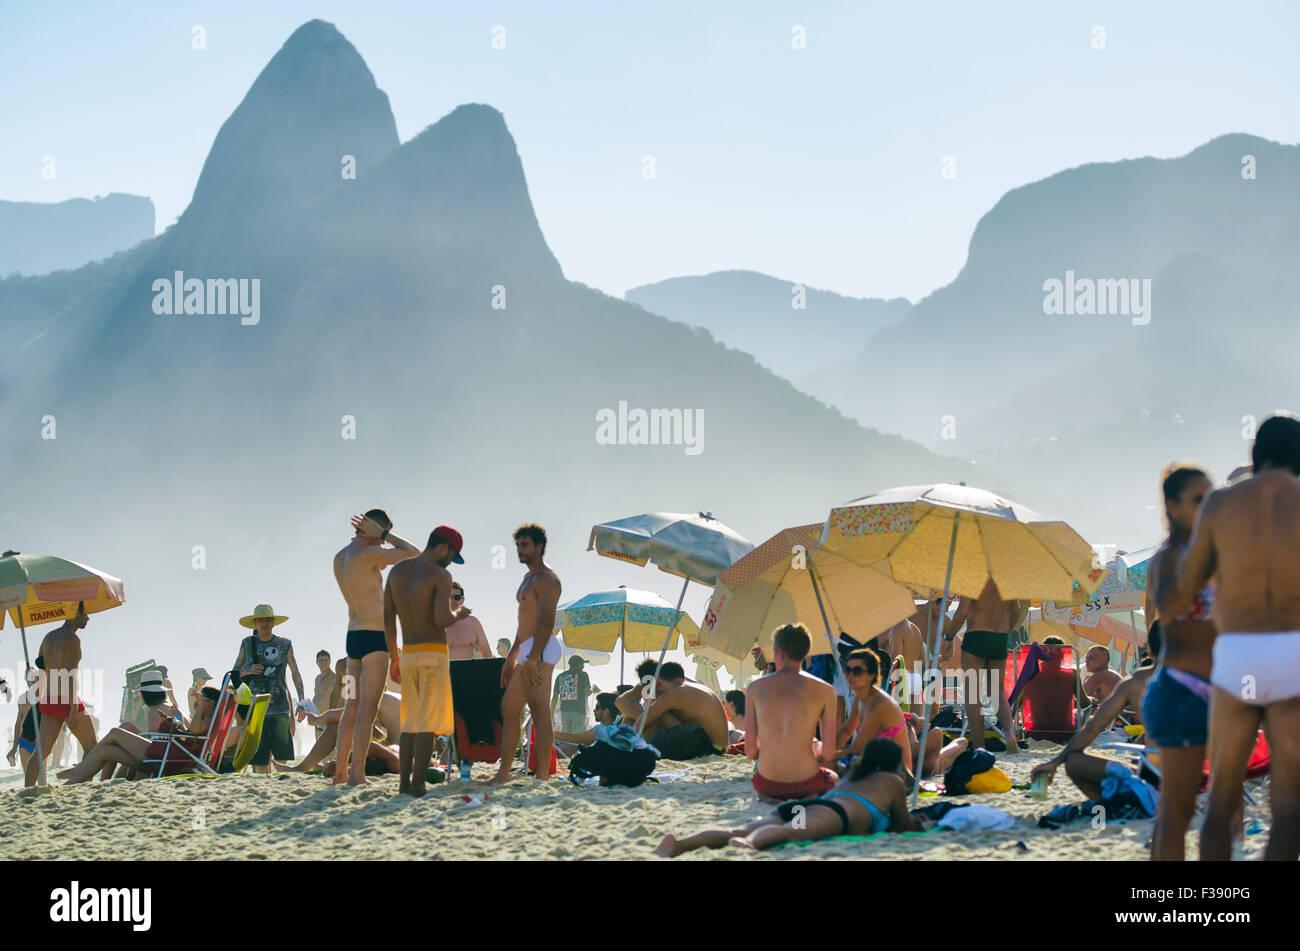 RIO DE JANEIRO, Brasile - 20 gennaio 2013: la gente del posto e i turisti affollano la spiaggia di Ipanema contro Immagini Stock